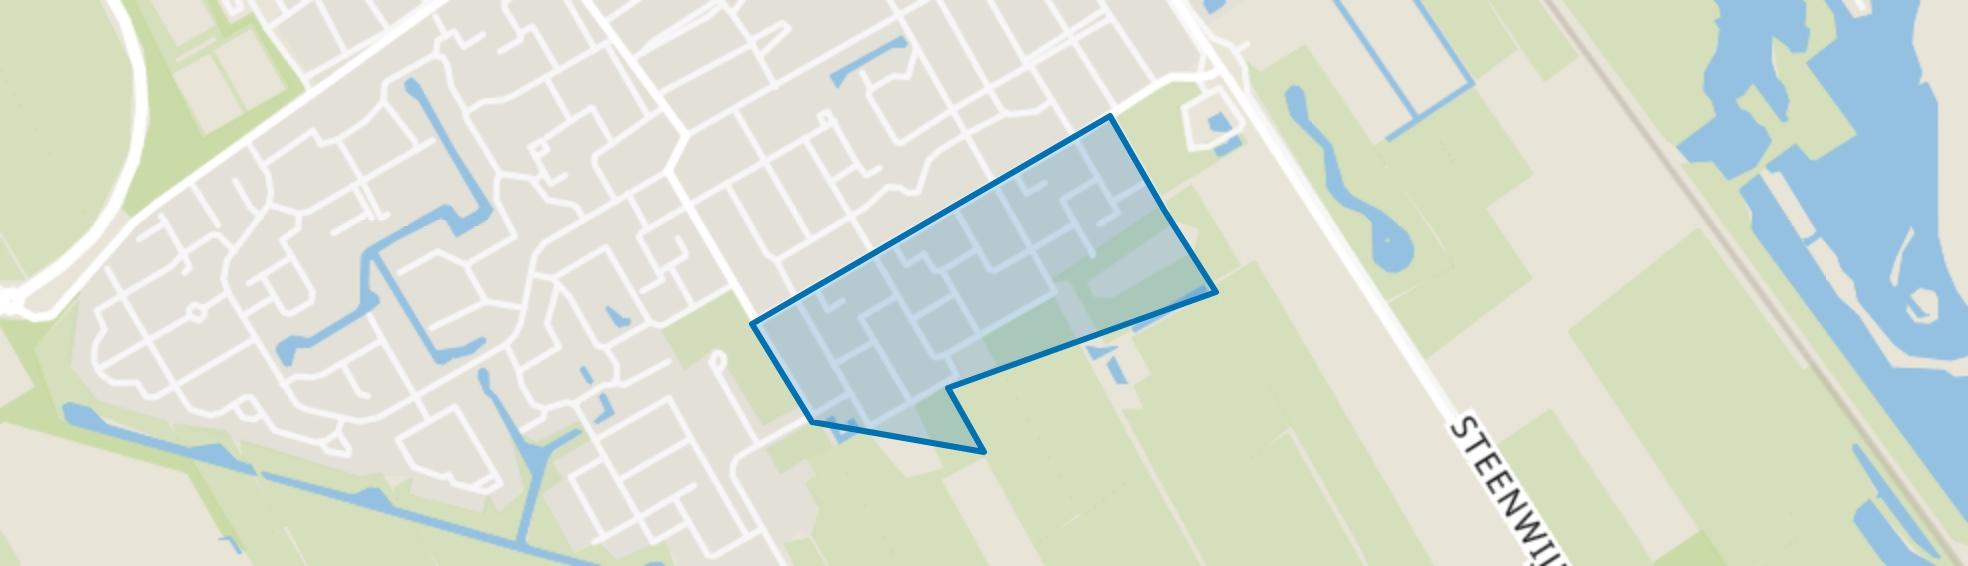 Wolvega-De Muziekbuurt, Wolvega map